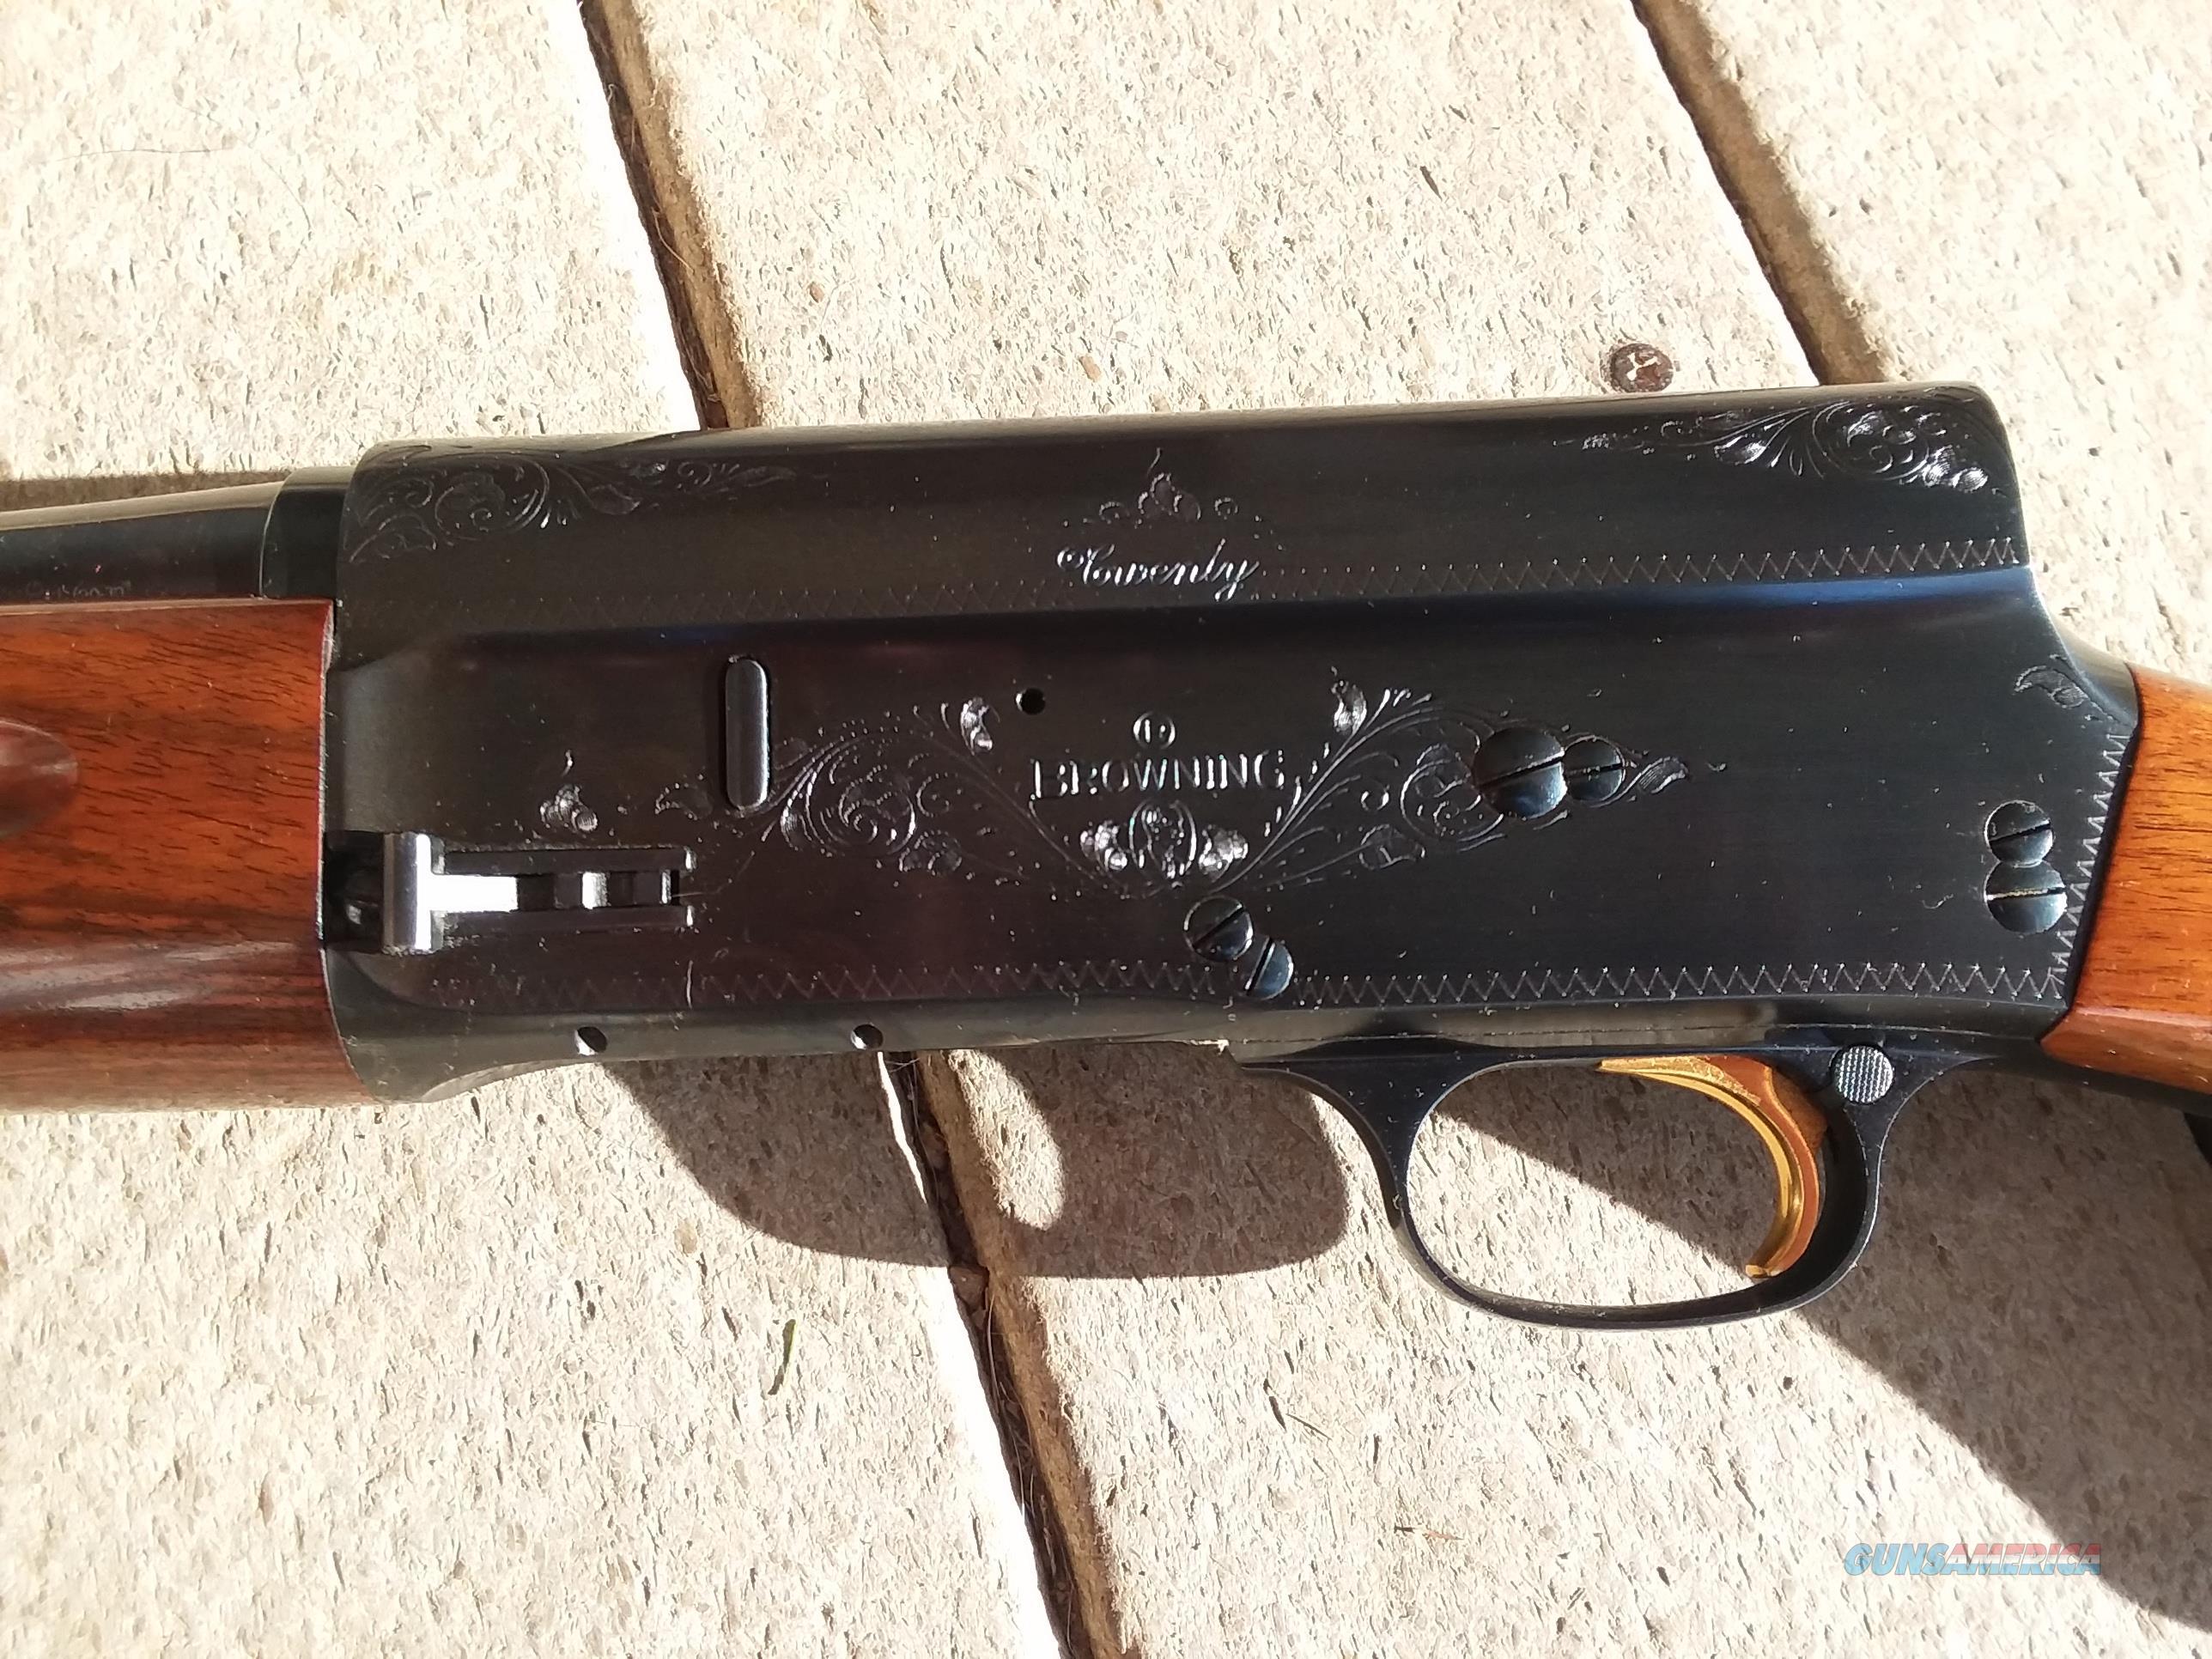 113aa44fcc8a6 1968 Belgium Browning A5 Lightweight 20 Gauge, MAKE OFFER Guns > Shotguns >  Browning Shotguns